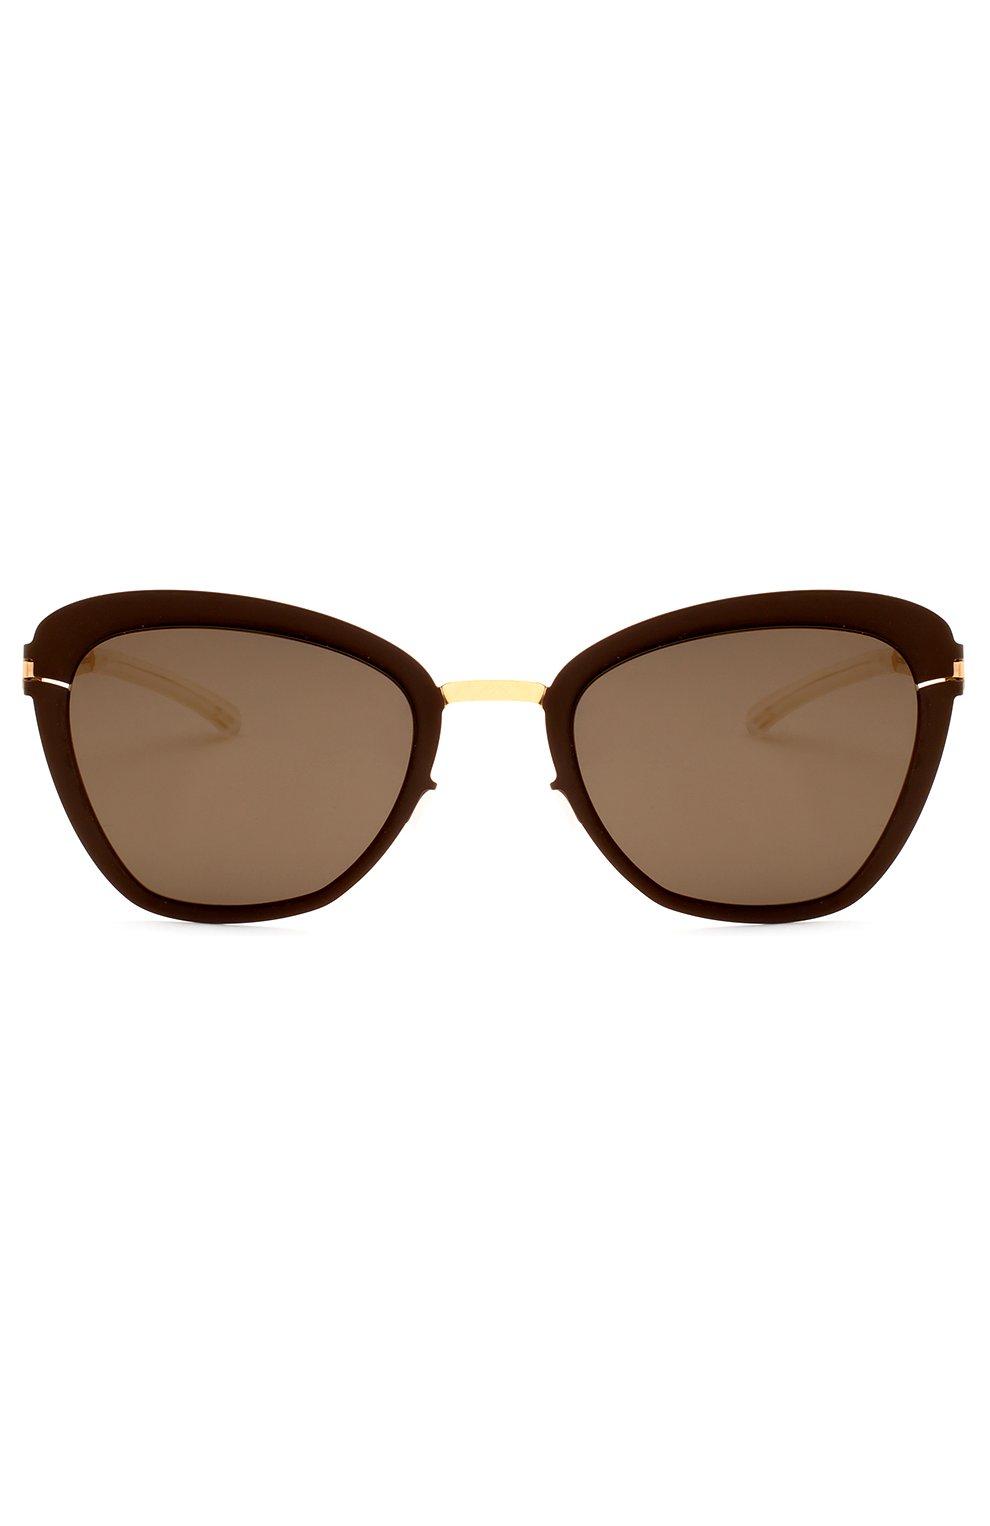 Женские солнцезащитные очки MYKITA темно-коричневого цвета, арт. J0SEPPA/G0LD/TERRA/BRILLIANTGREY | Фото 1